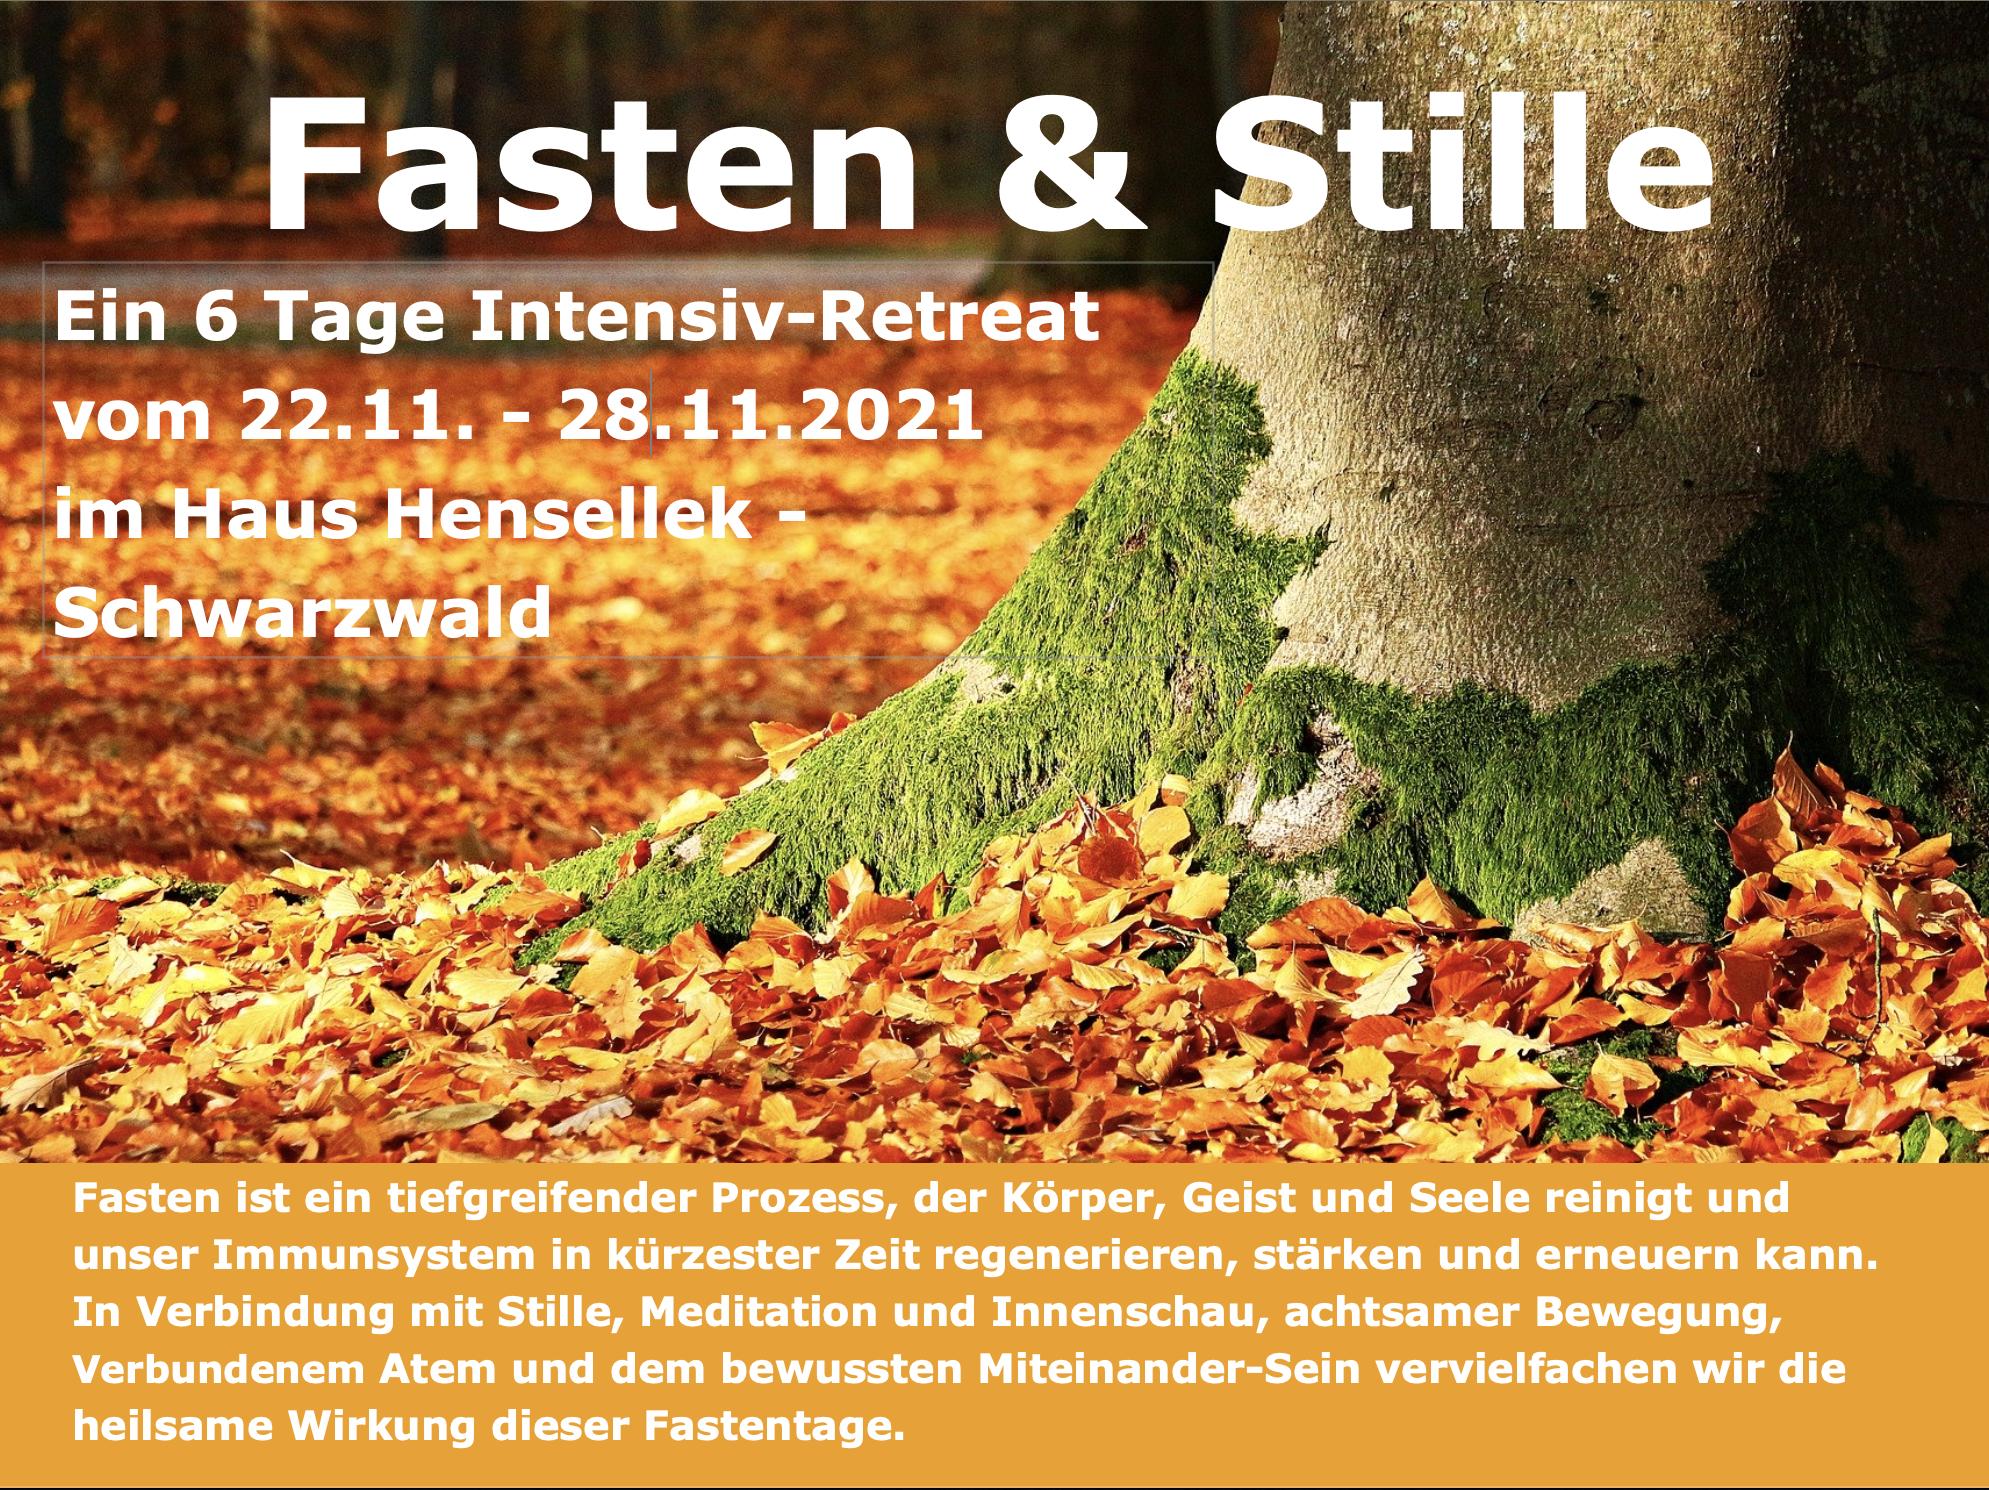 Fasten Stille website 21